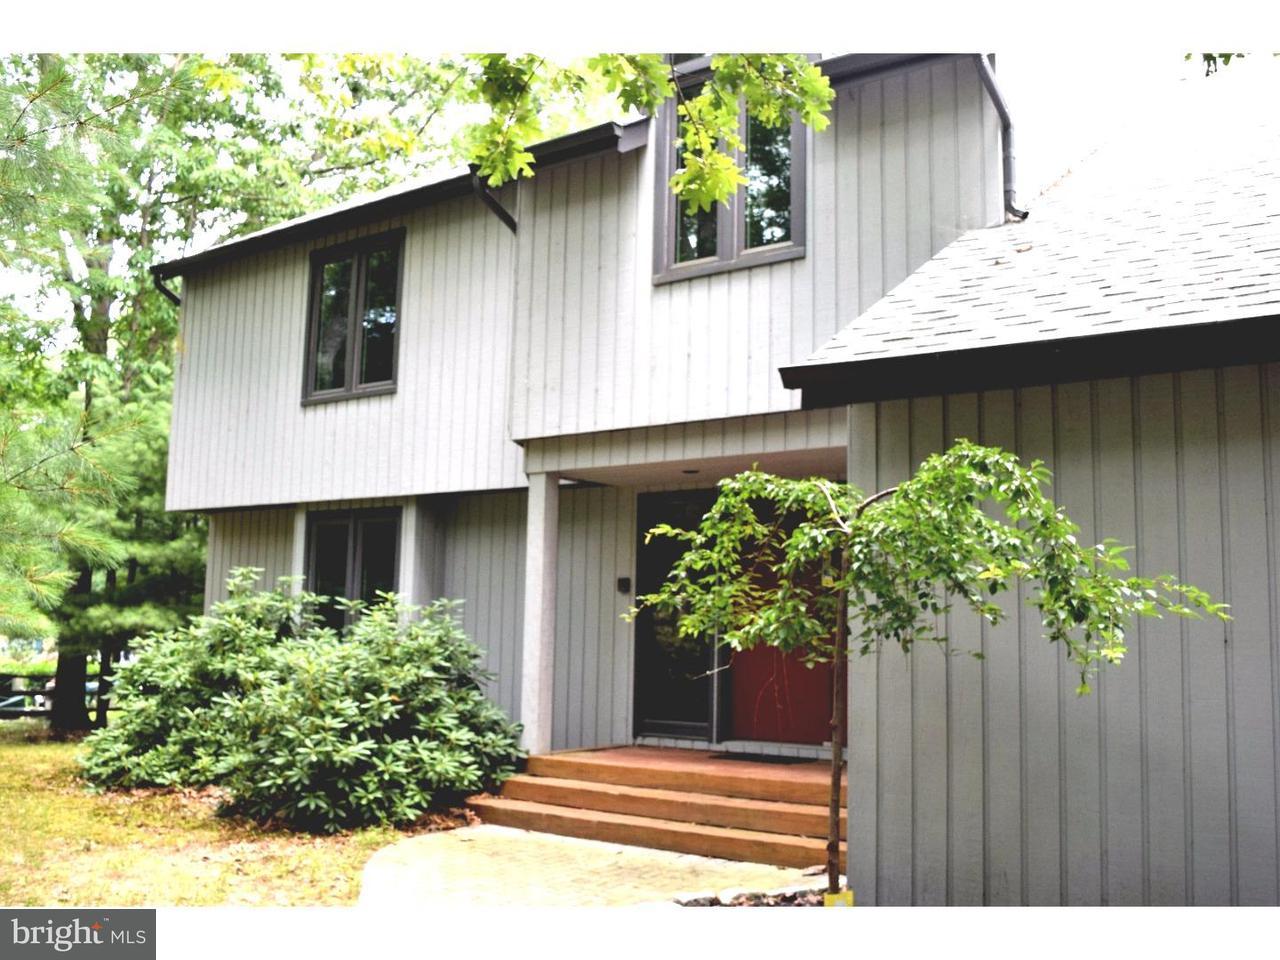 独户住宅 为 出租 在 13 HUNTINGTON CIRCLE Drive Medford, 新泽西州 08055 美国